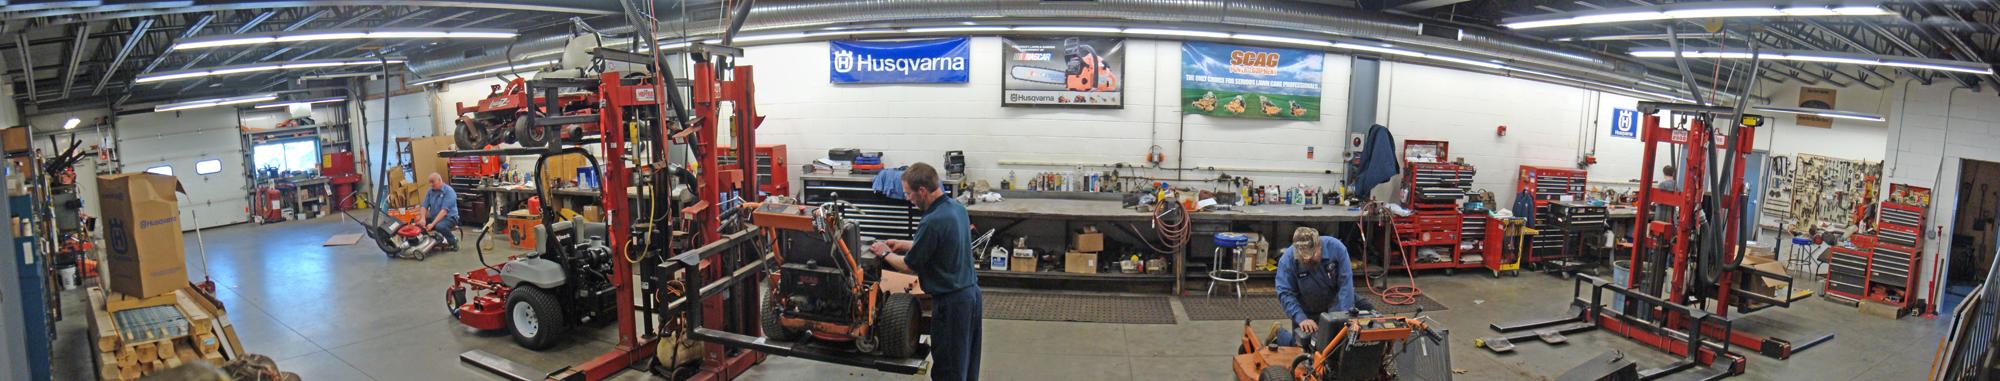 Morrison's Power Equipment Shop